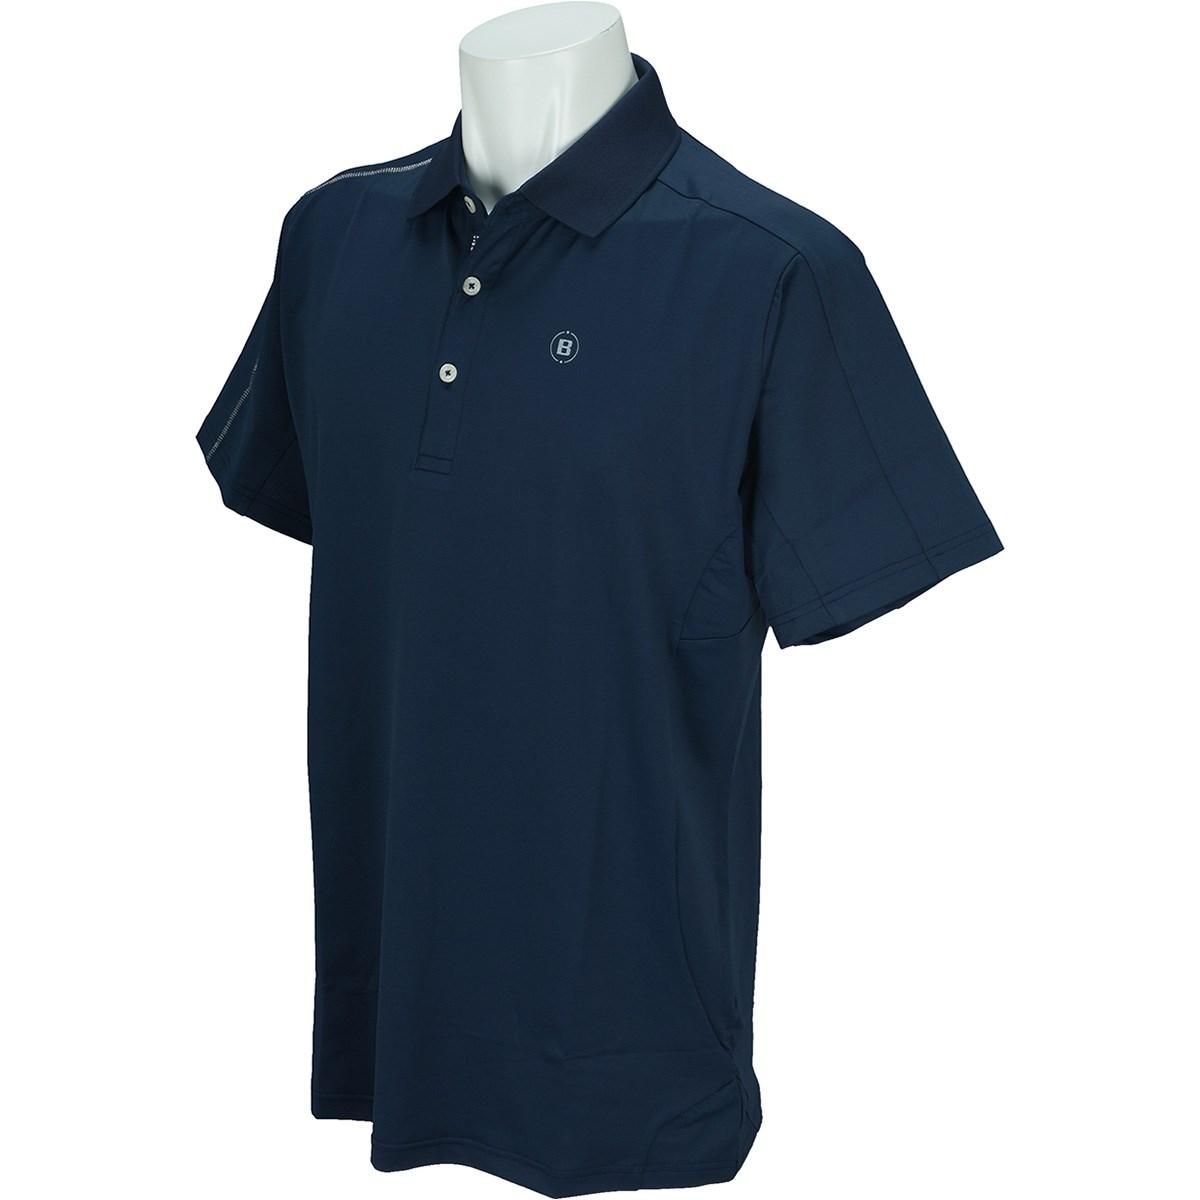 <ゴルフダイジェスト> 値下げしました! ブリーフィング ストレッチポロシャツ ゴルフウェア